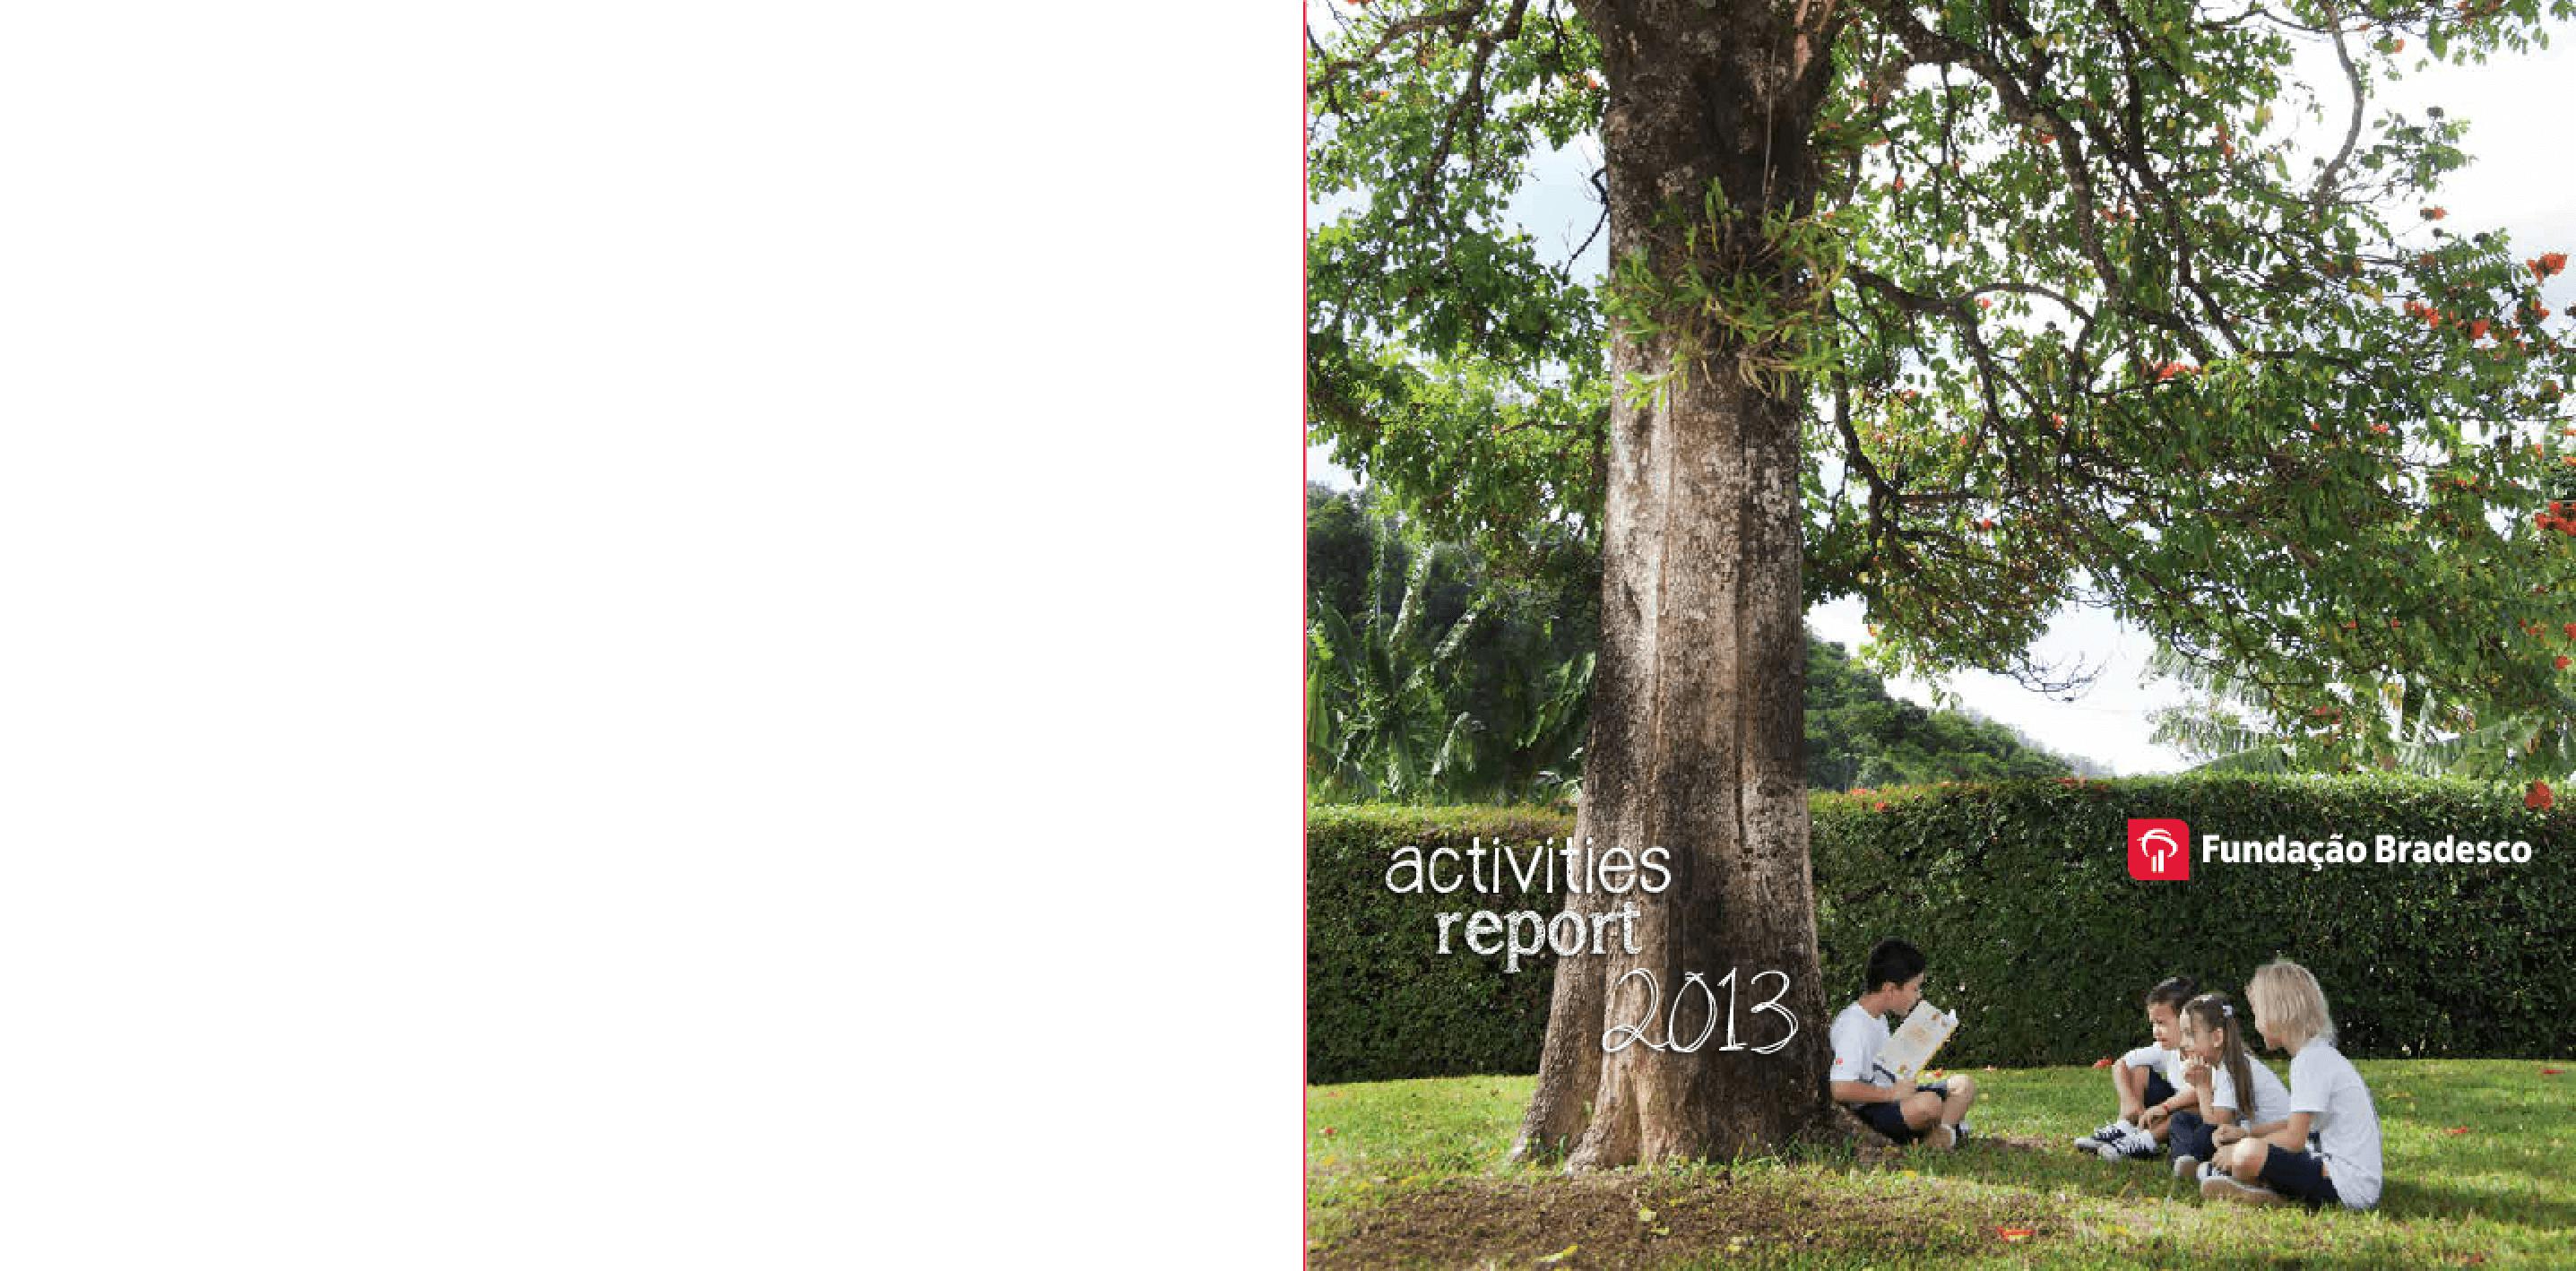 Activities Report 2013 -- Fundação Bradesco